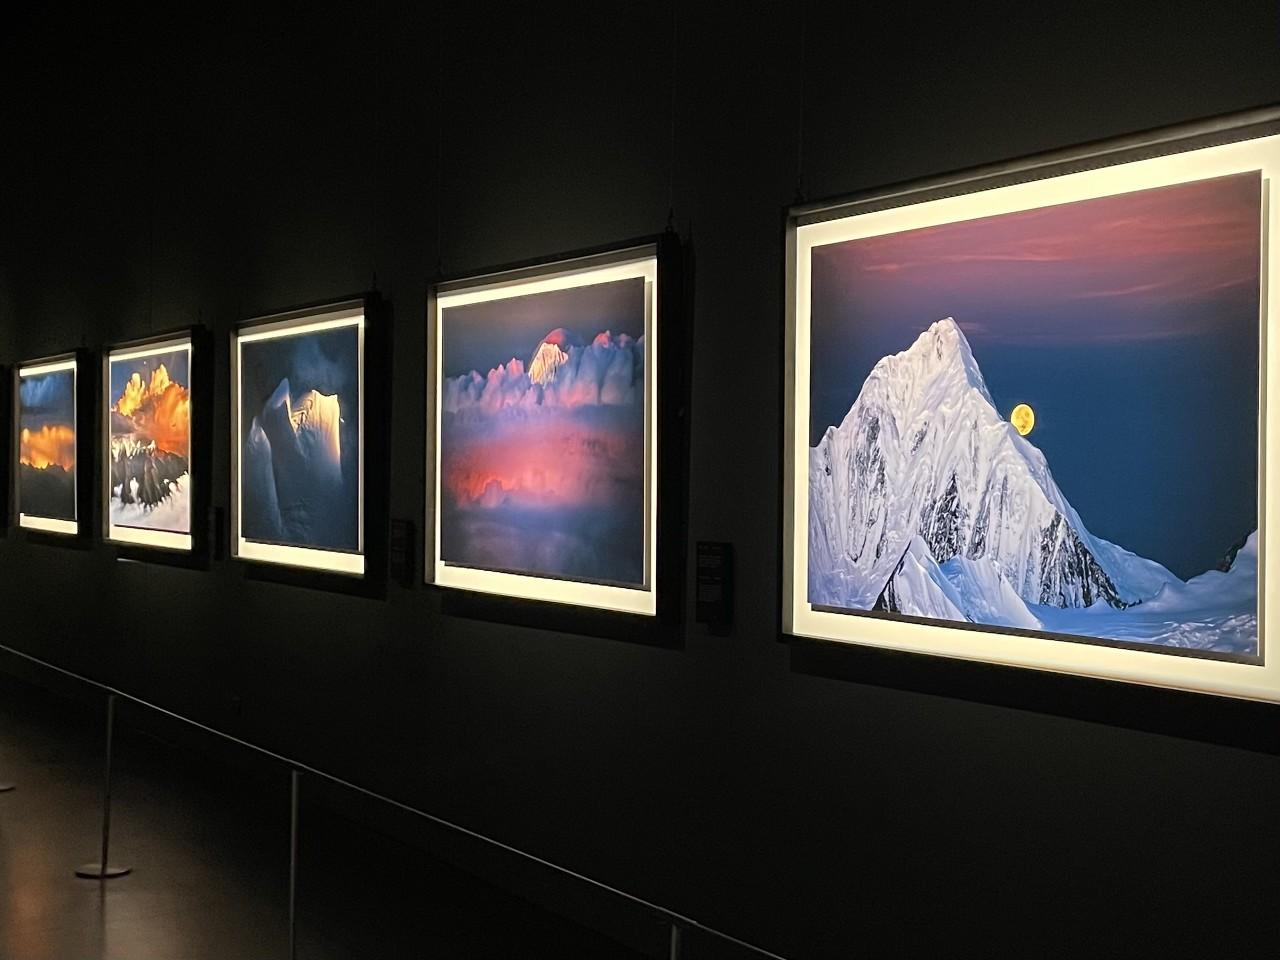 故宫上新! 院藏人物画特展第二期在文华殿开展